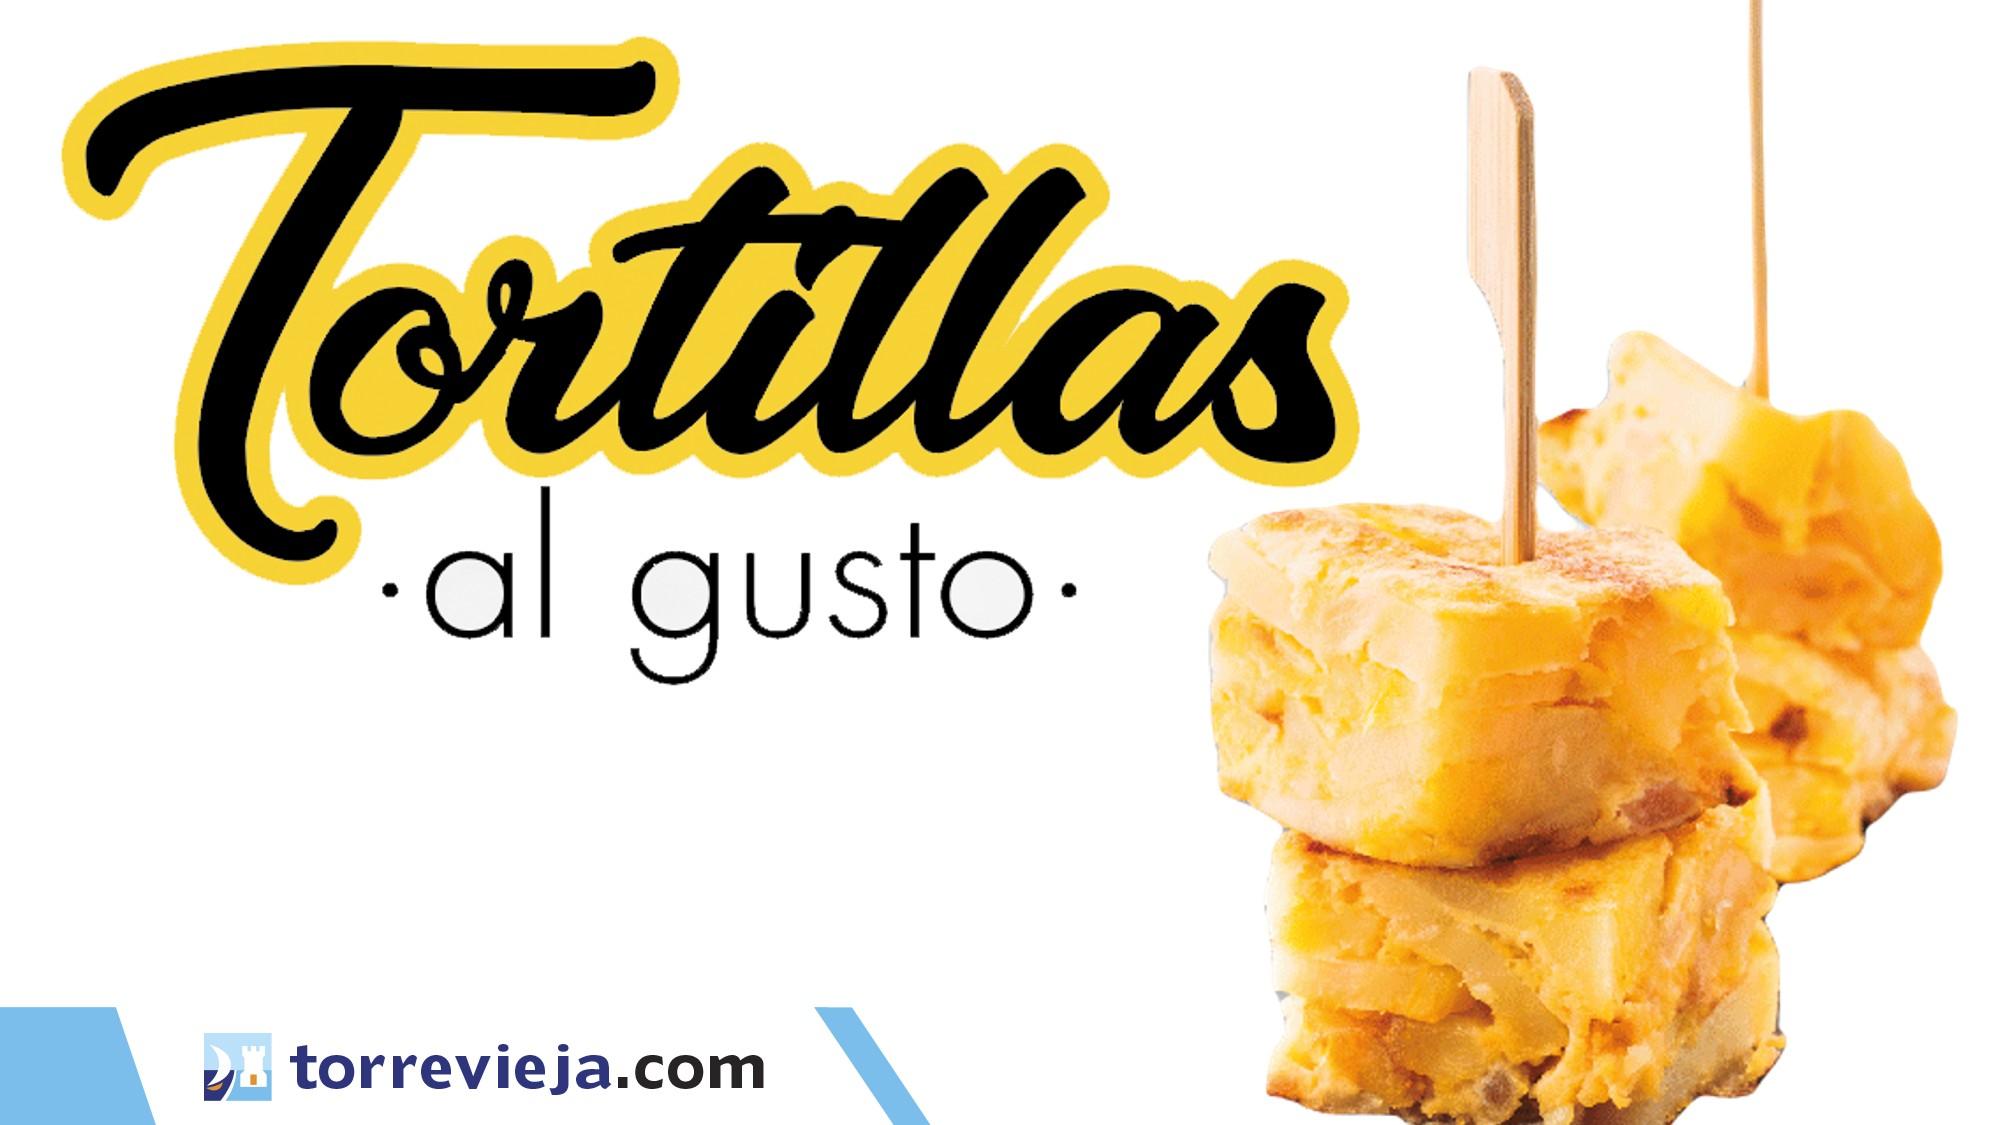 tortillas al gusto de Torrevieja 2021